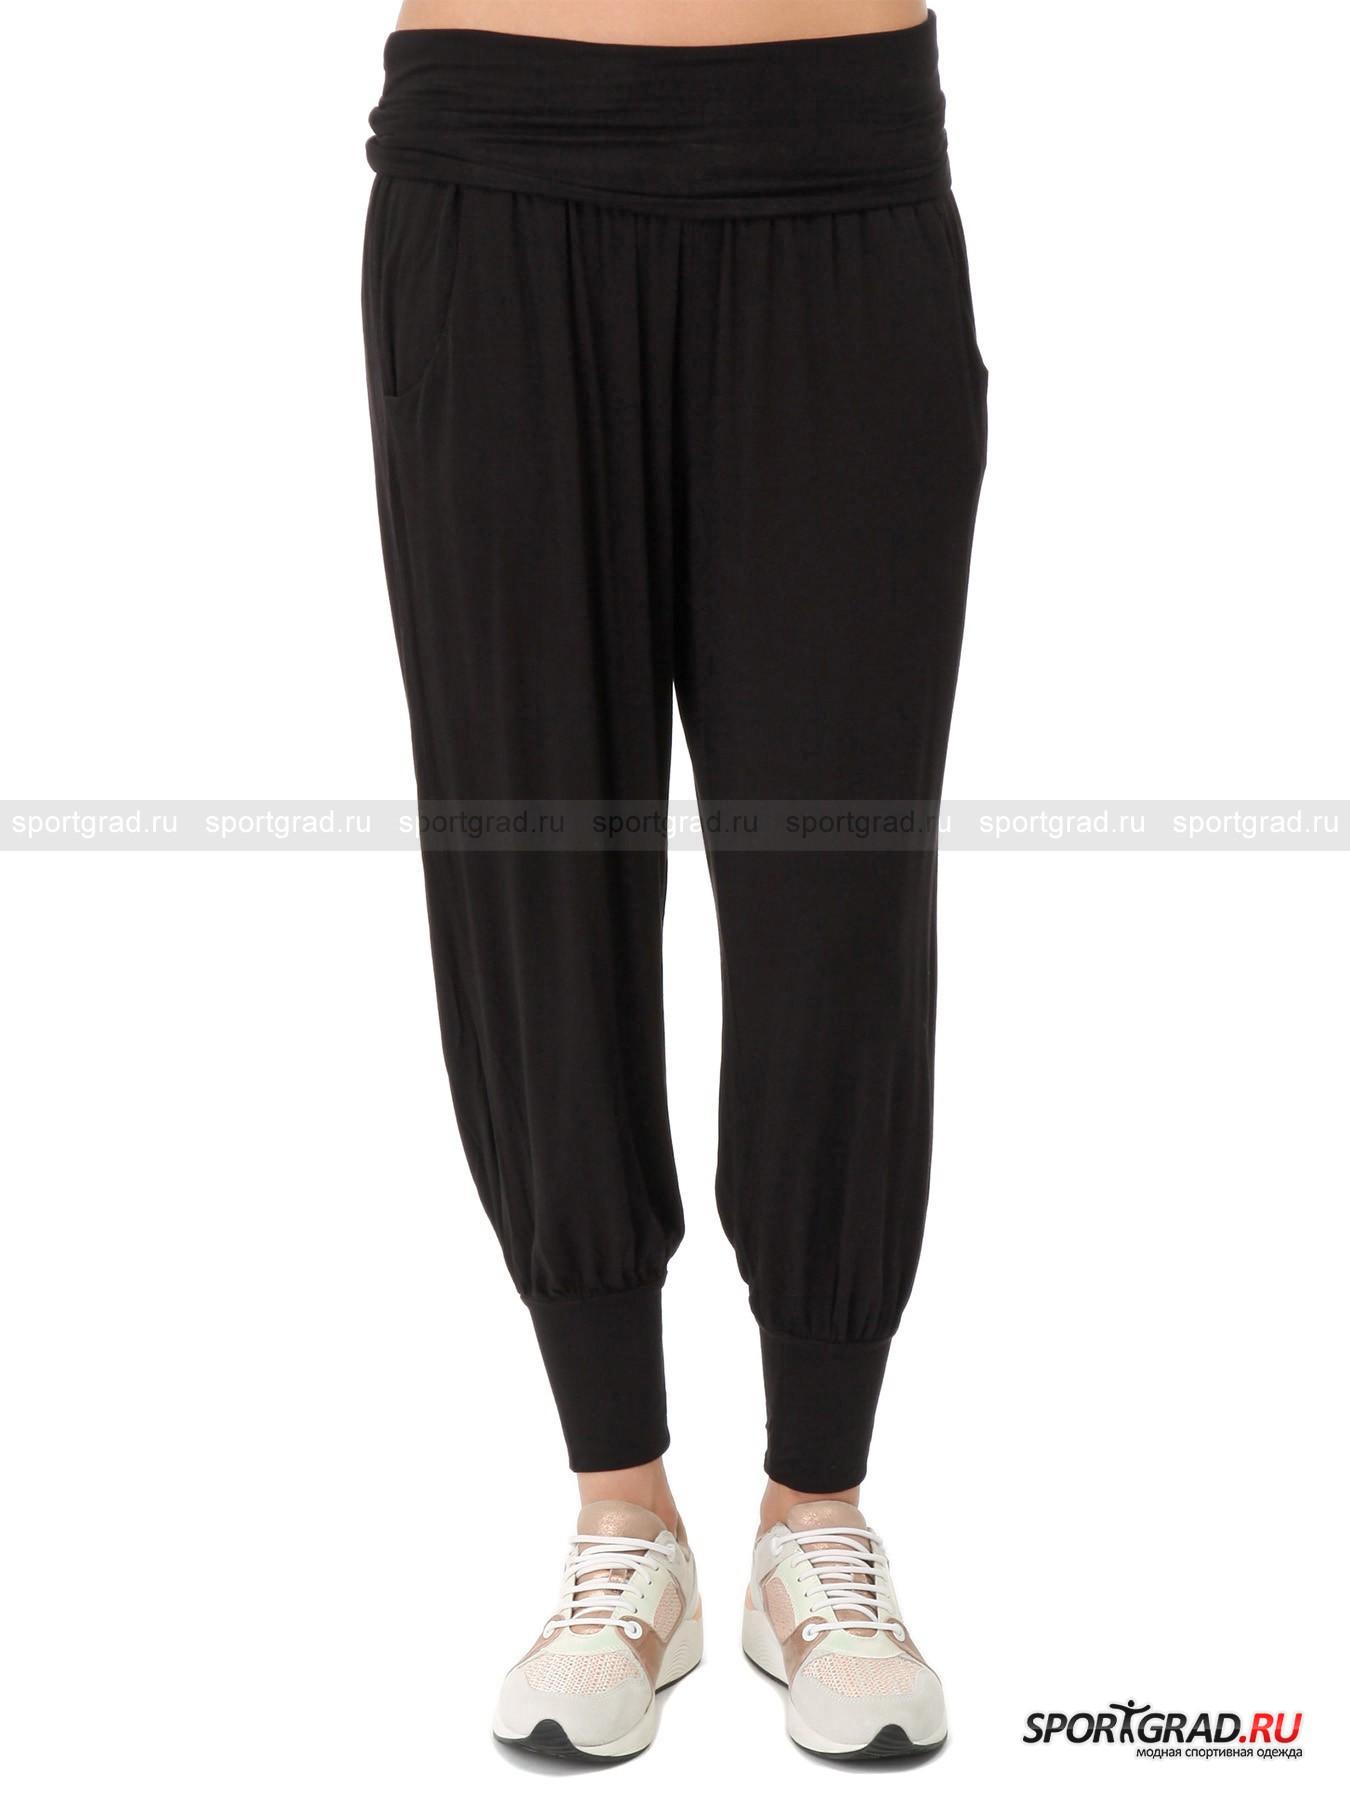 Брюки женские для йоги DEHAБрюки<br>Прекрасные брюки Deha, представленные на этой странице, идеальны для йоги, пилатеса и других видов физической активности низкой интенсивности. Они принадлежат к коллекции Harmonic, которая полностью пошита из экологически чистых материалов. В данном случае это ткань Lenzing Viscose: мягкая, нежная, струящаяся, невероятно приятная к телу. Кроме того, Lenzing Viscose превосходно тянется во все стороны, обеспечивает хорошую воздухопроницаемость и испарение излишков влаги.<br>Брюки имеют два кармана, пояс на резинке с небольшой «юбочкой» поверх него и манжеты внизу штанин, фиксирующие их на щиколотках.<br><br>Пол: Женский<br>Возраст: Взрослый<br>Тип: Брюки<br>Рекомендации по уходу: стирка в теплой воде до 40 С; не отбеливать; гладить слегка нагретым утюгом (температура до 110 C); химическая чистка сухим способом; нельзя выжимать и сушить в стиральной машине<br>Состав: 96% вискоза, 4% эластан